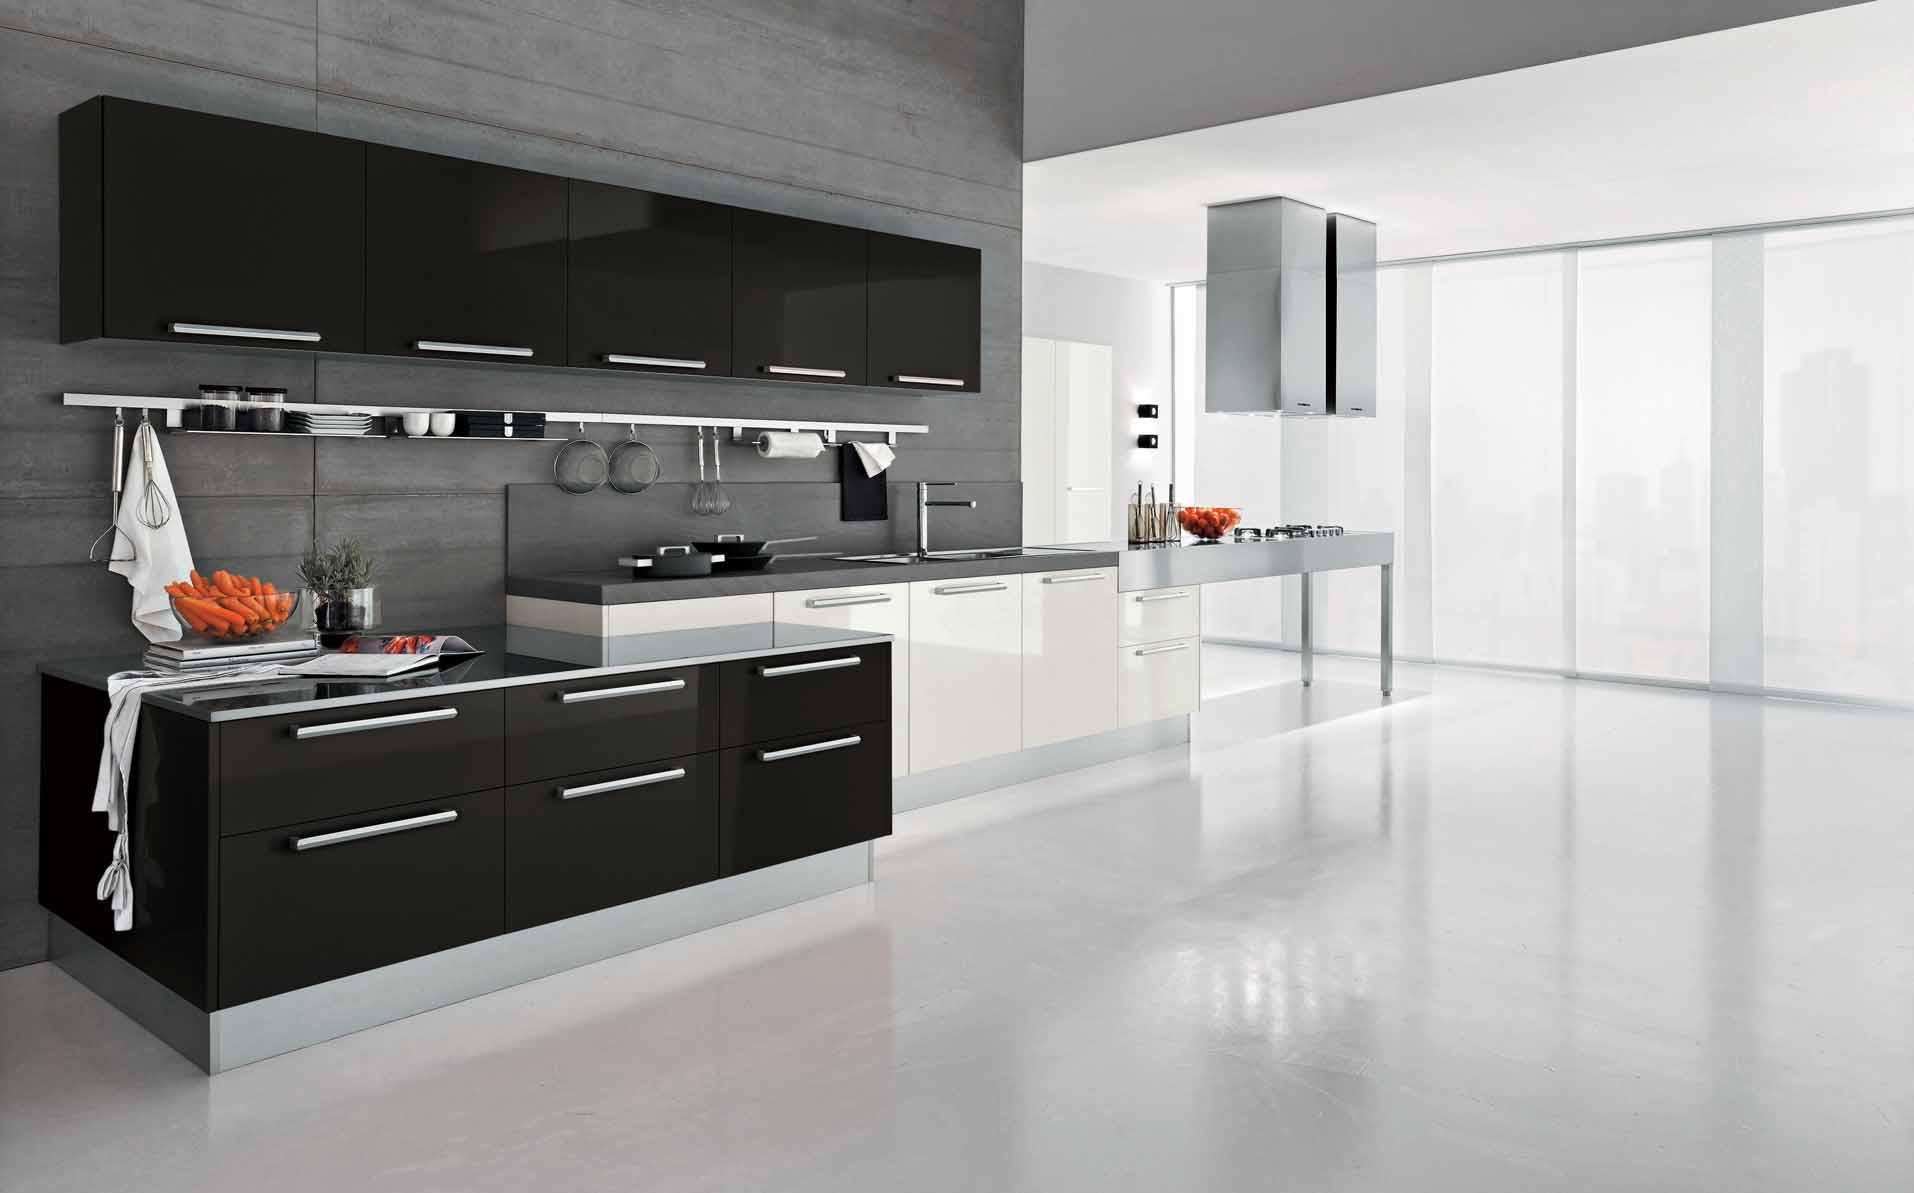 modern-contemporary-kitchen-5vcond1n